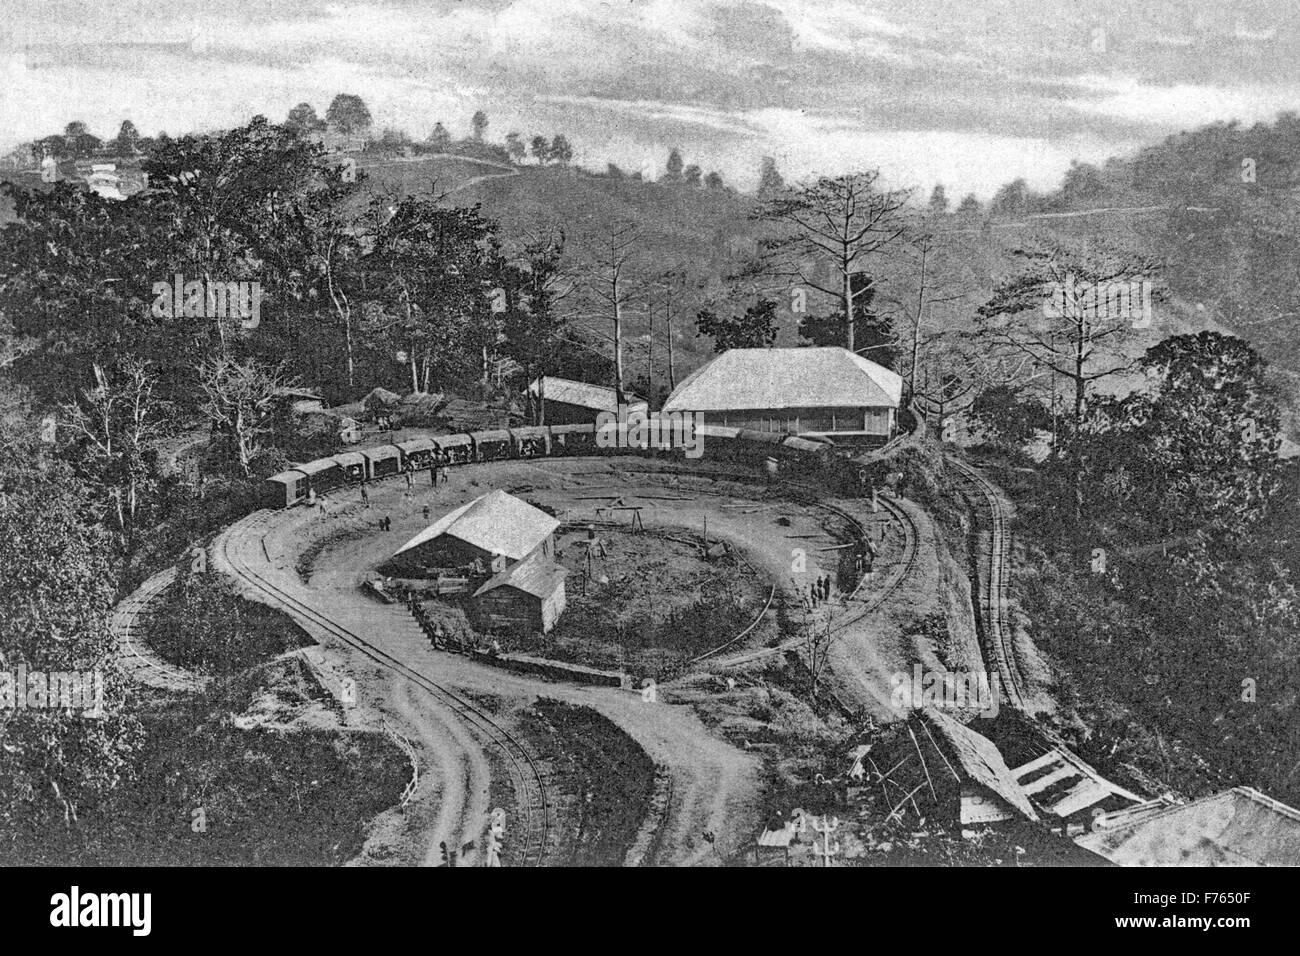 Batasia loop, darjeeling, west bengal, india, asia - Stock Image